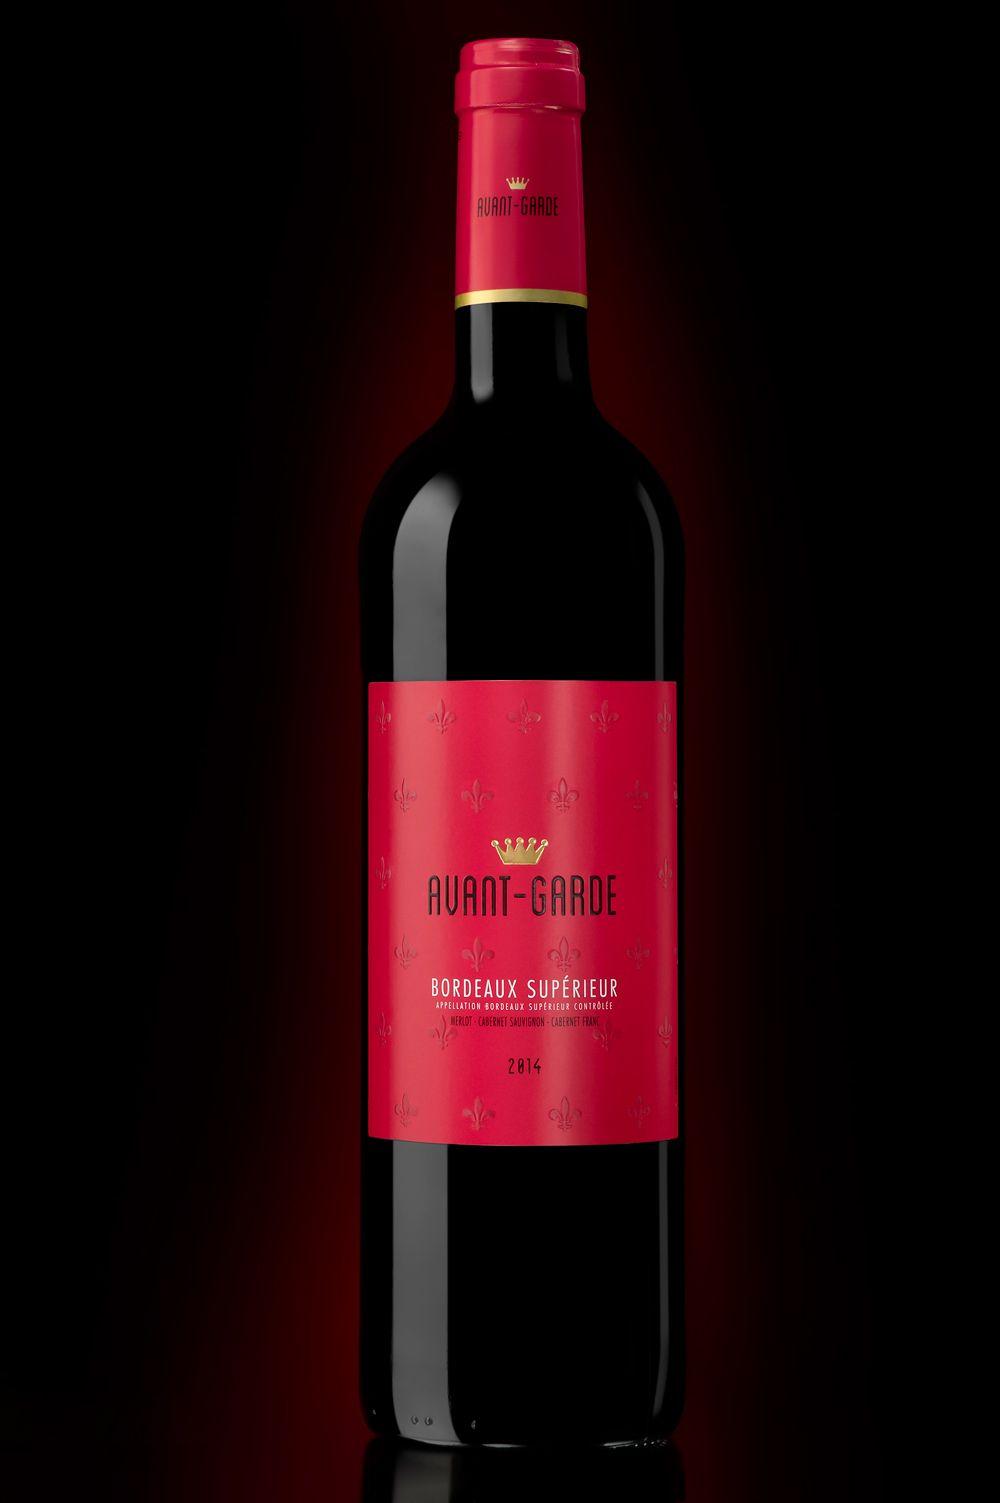 Vins De Bordeaux Avant Garde Roche D Arjac Val D Orbieu Vinadeis Packaging Design By Lineadesigners Vins Et Spiritueux Vin Bordeaux Vins